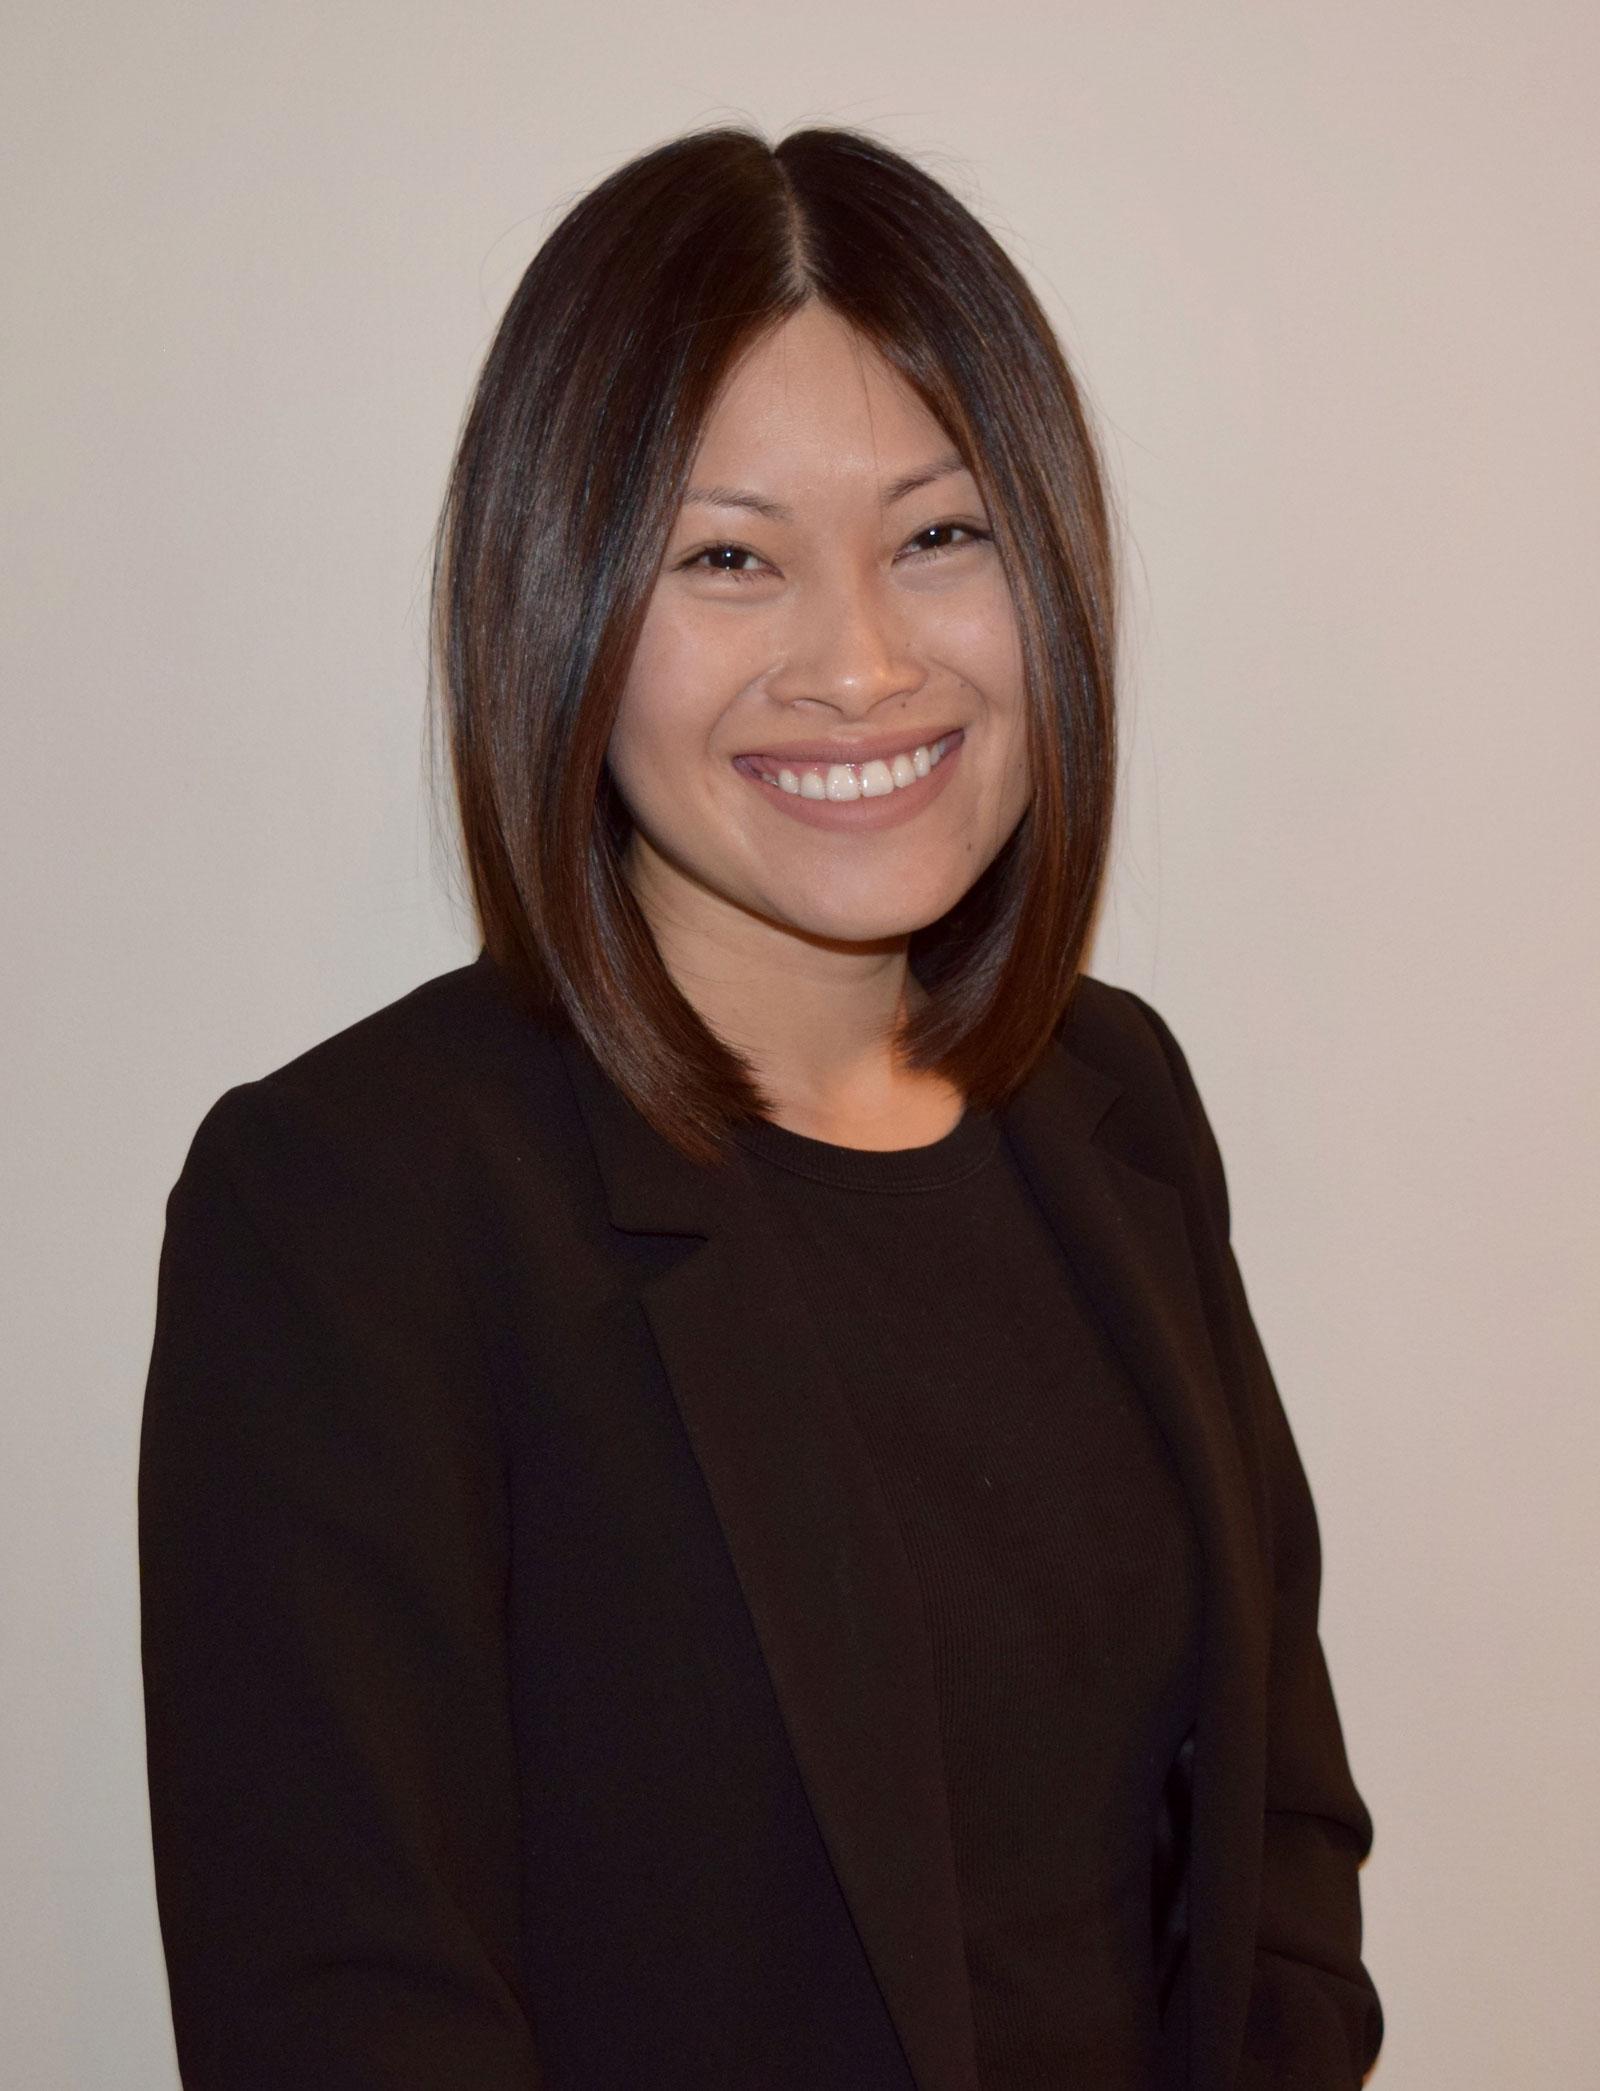 Lilianna Phan, Ph.D.